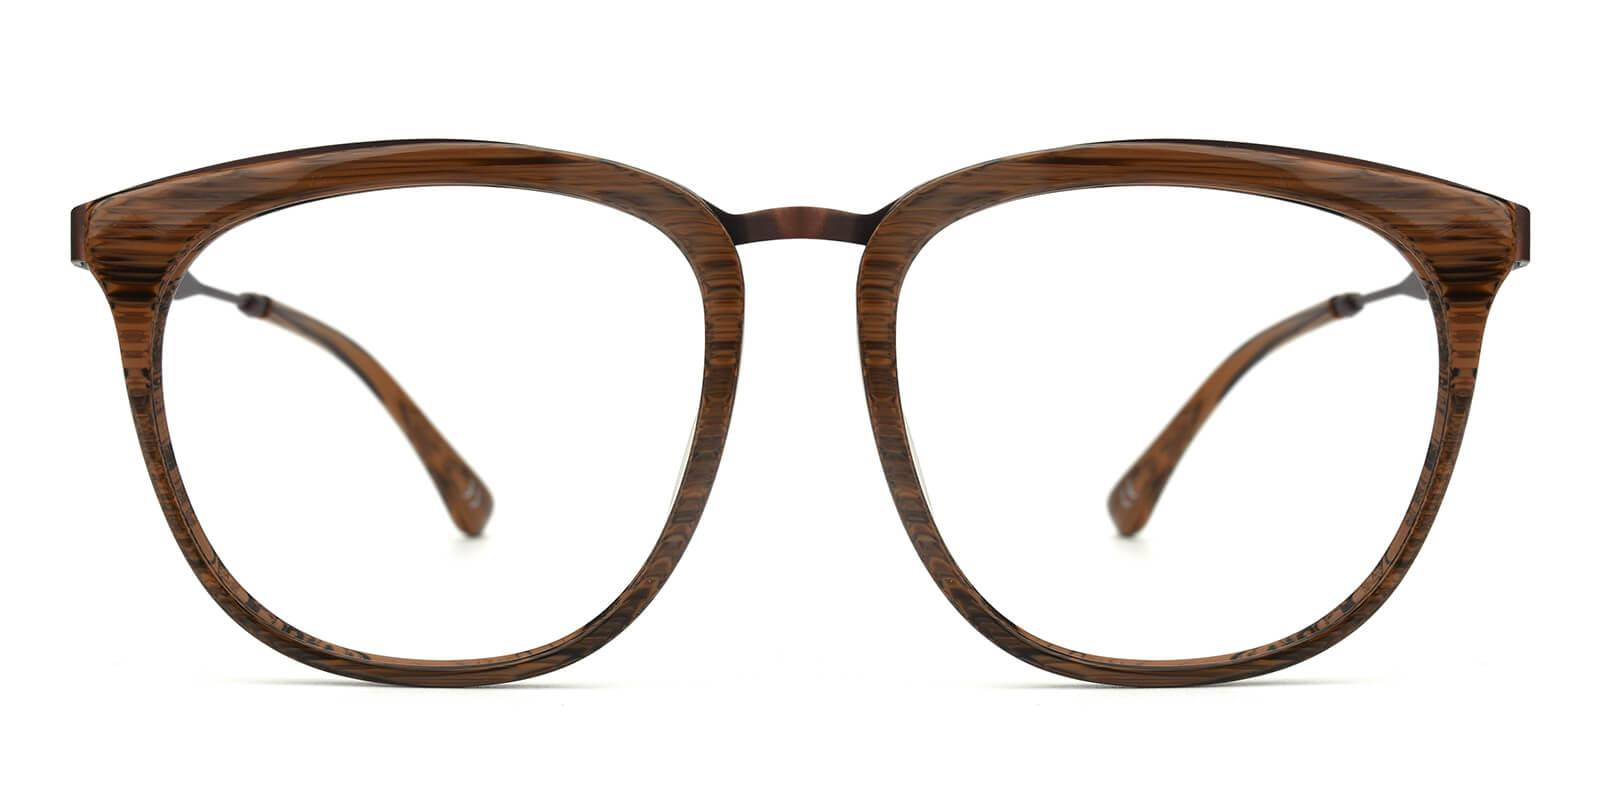 Grain-Brown-Square-Acetate / Metal-Eyeglasses-additional2